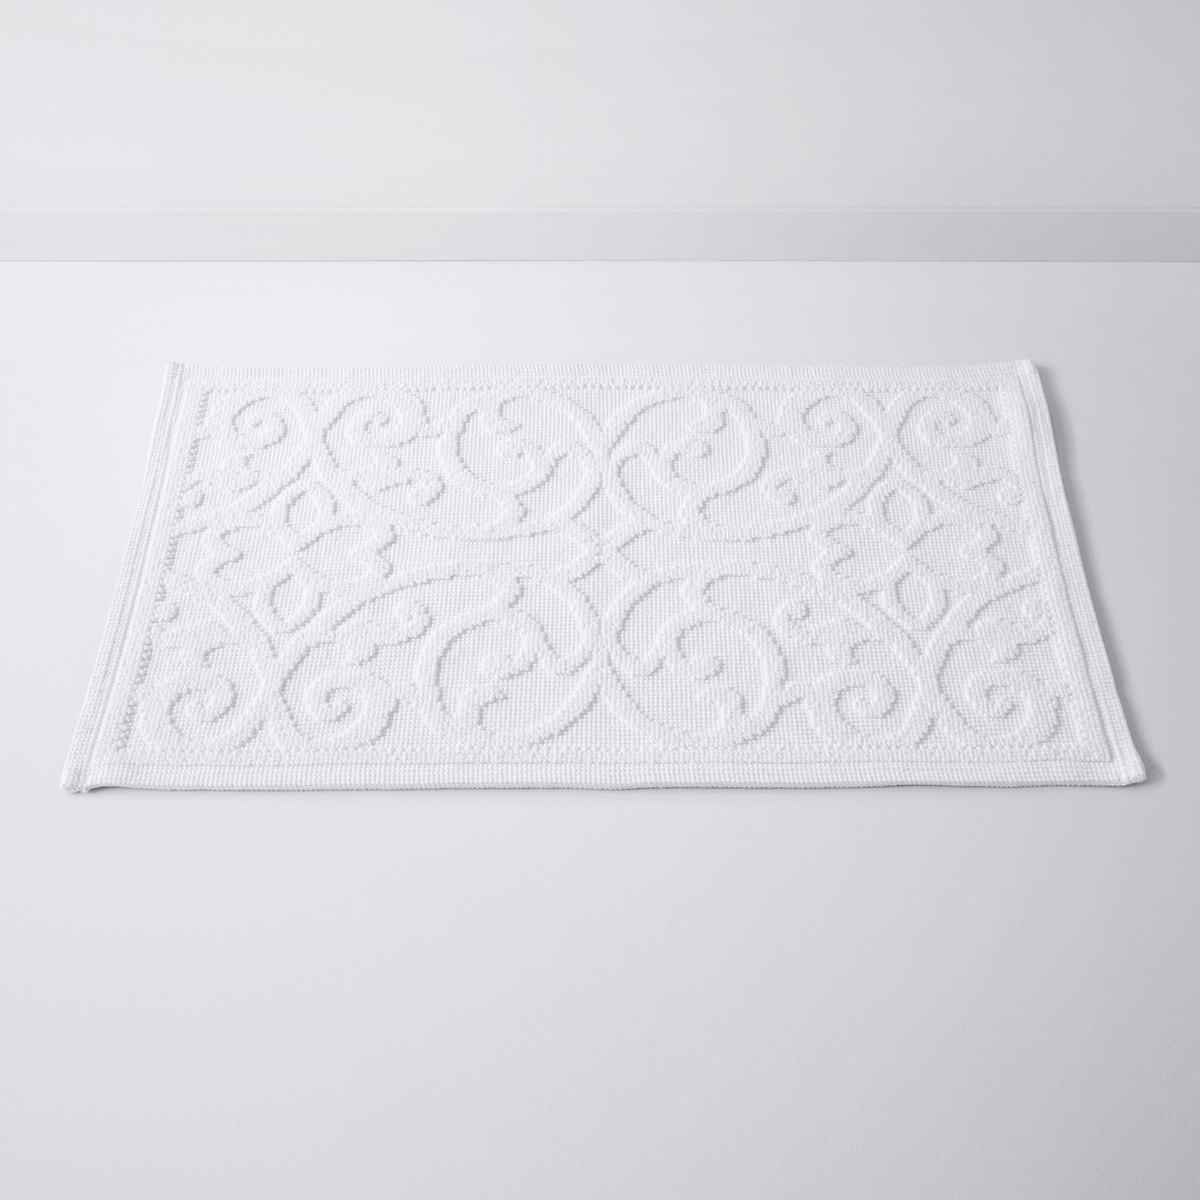 Коврик для ваннойс рельефным рисункомDAMASK, 100% хлопок (1500 г/м?)Характеристики:Материал: 100% хлопок (1500 г/м?).Противоскользящее покрытие с изнанки.Уход:Машинная стирка при 60°С.Размеры:50 x 70 см.<br><br>Цвет: белый,бледно-розовый,серо-синий<br>Размер: 50 x 80  см